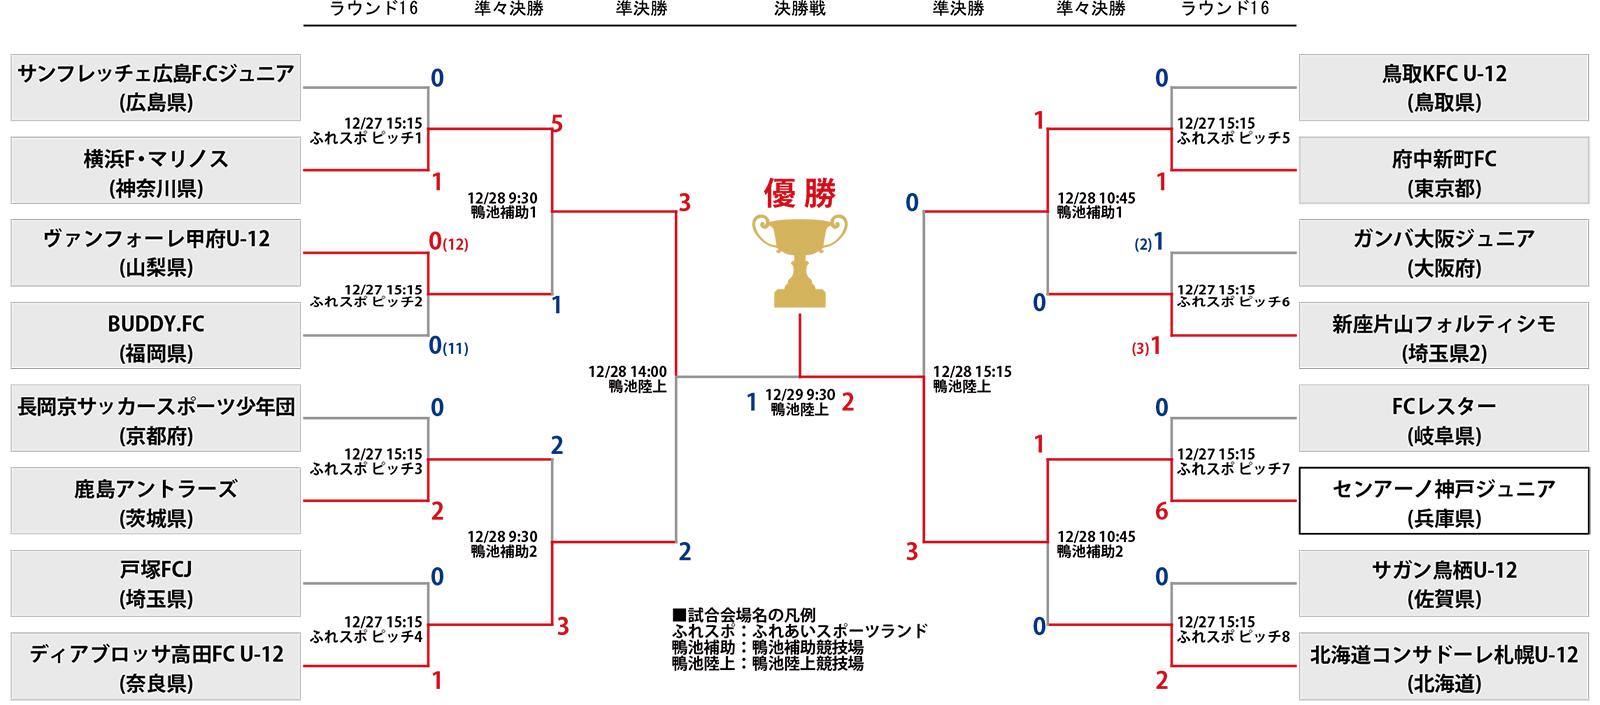 第40回 全日本少年サッカー大会 決勝